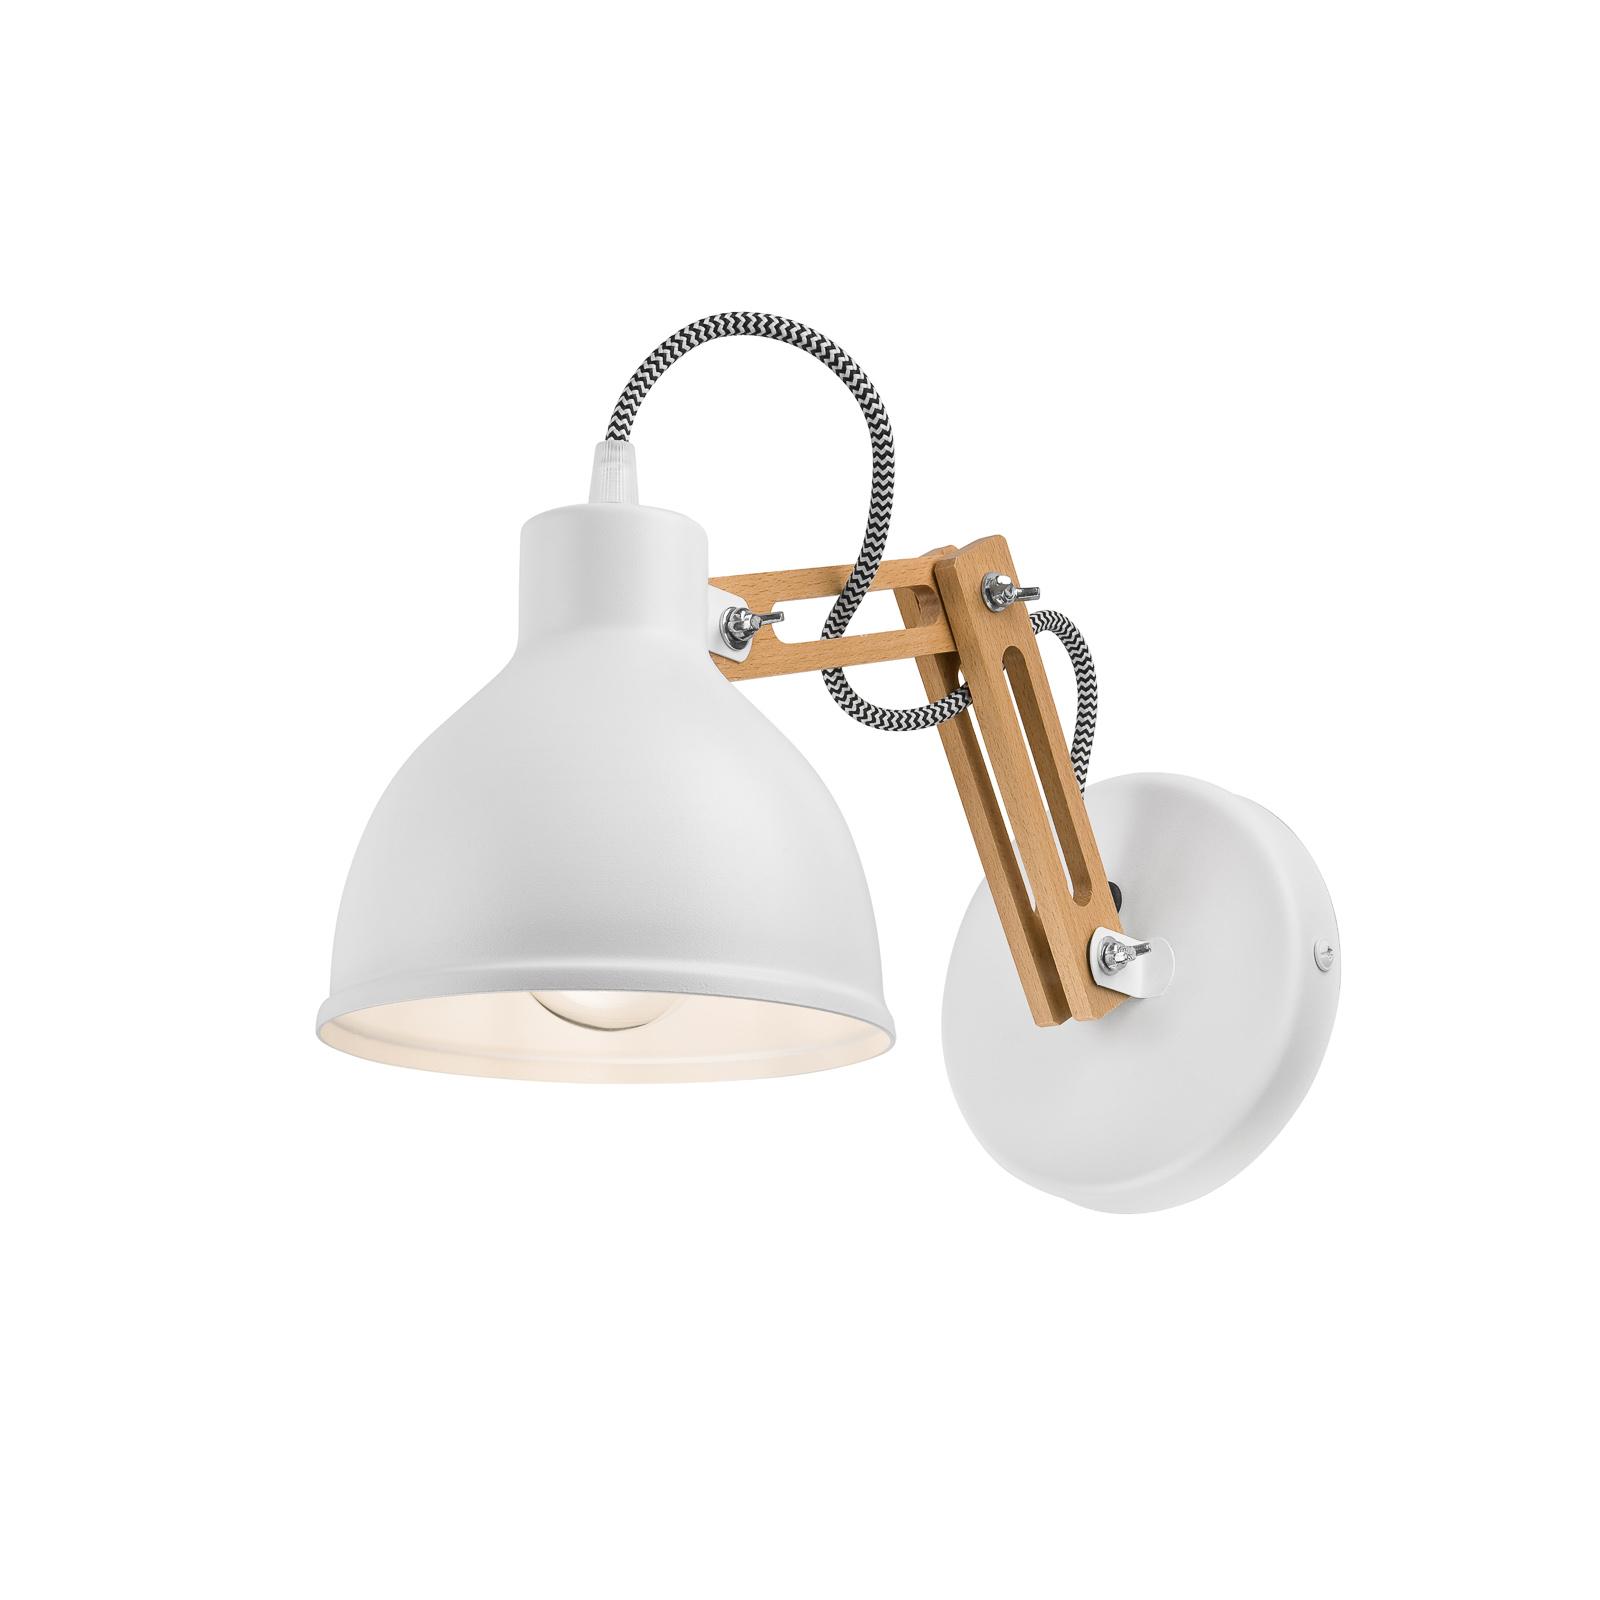 Wandlampe Skansen, Holzarm verstellbar, weiß